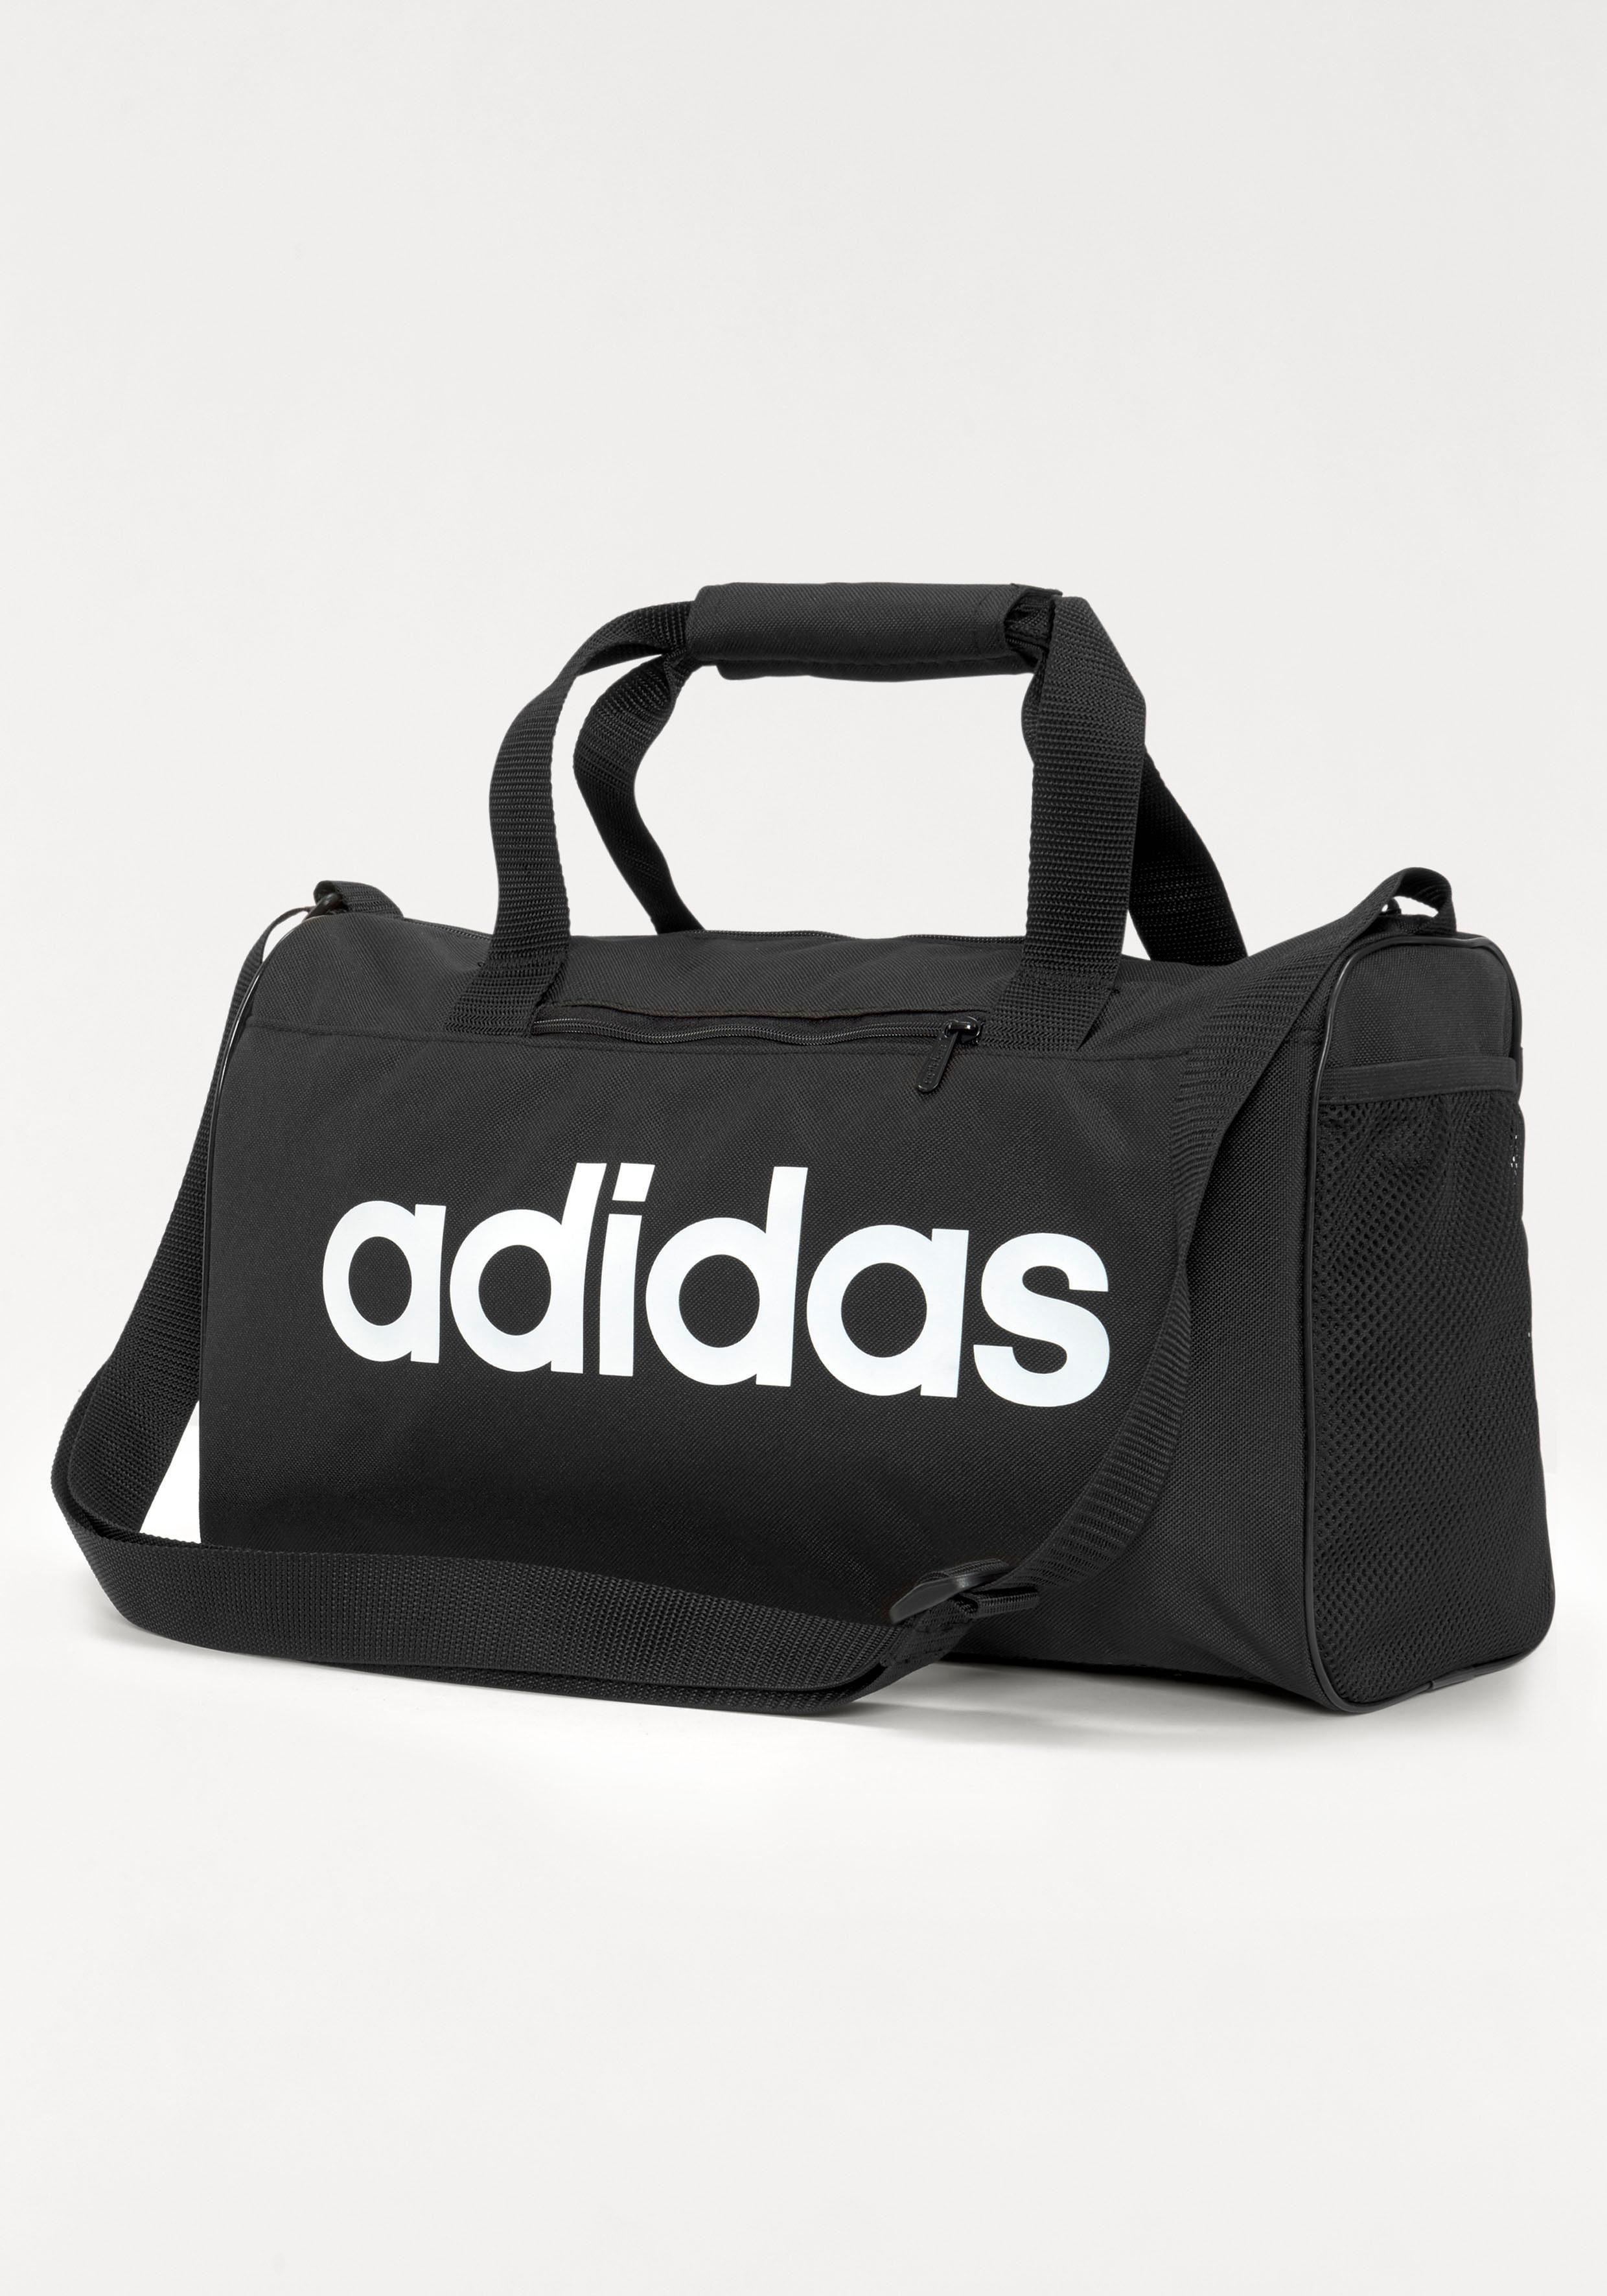 adidas Sporttasche, Logoschriftzug online kaufen | OTTO